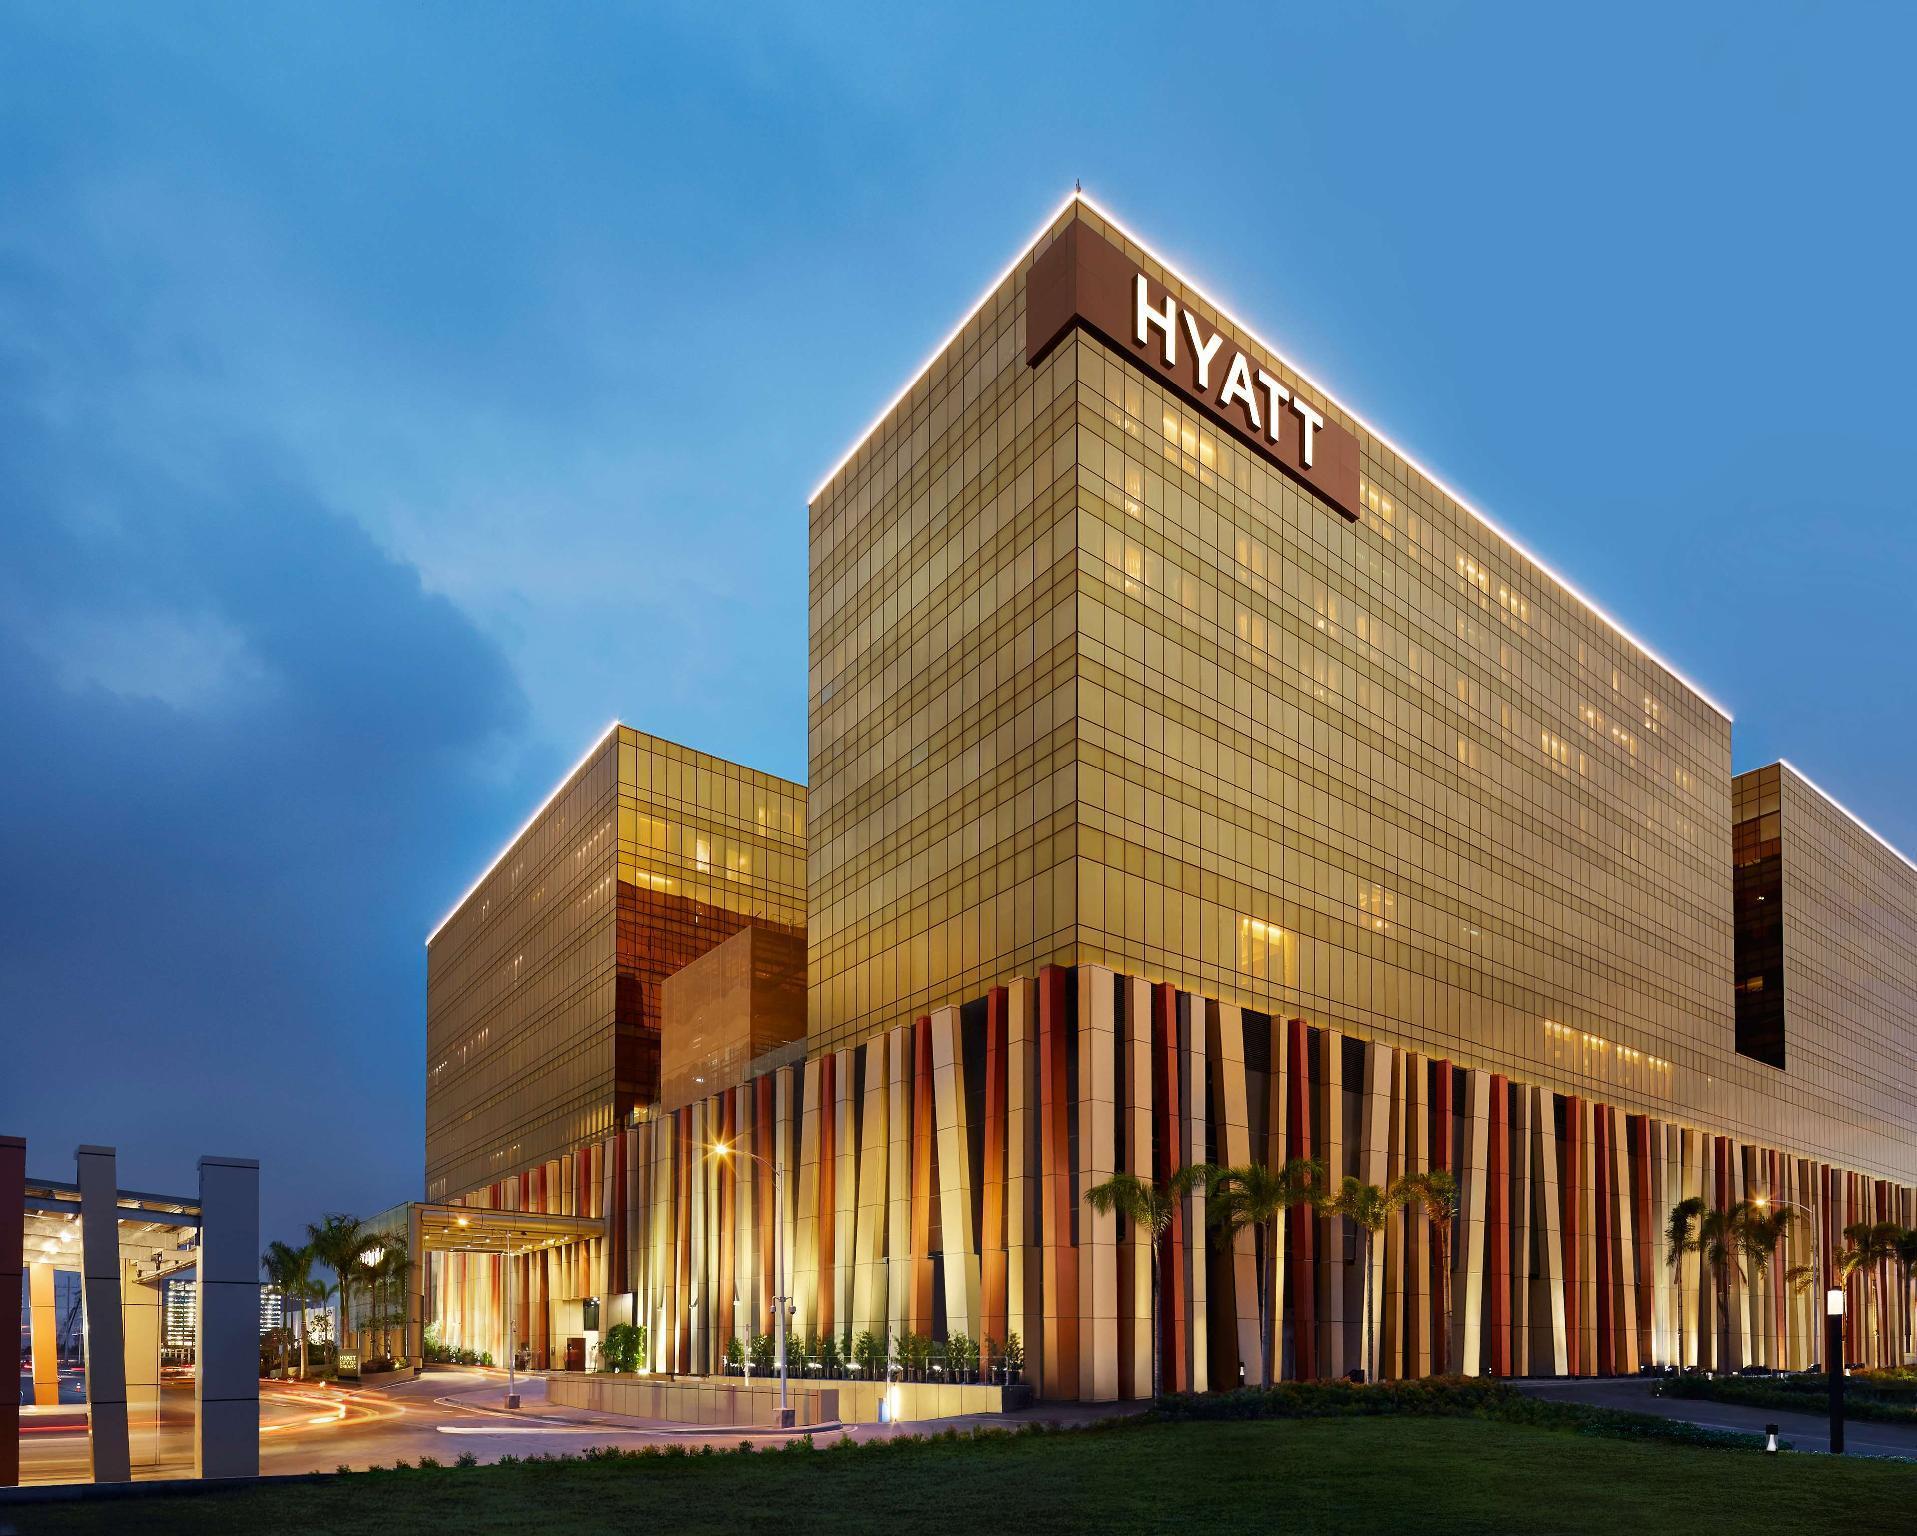 Hyatt Regency Manila City of Dreams